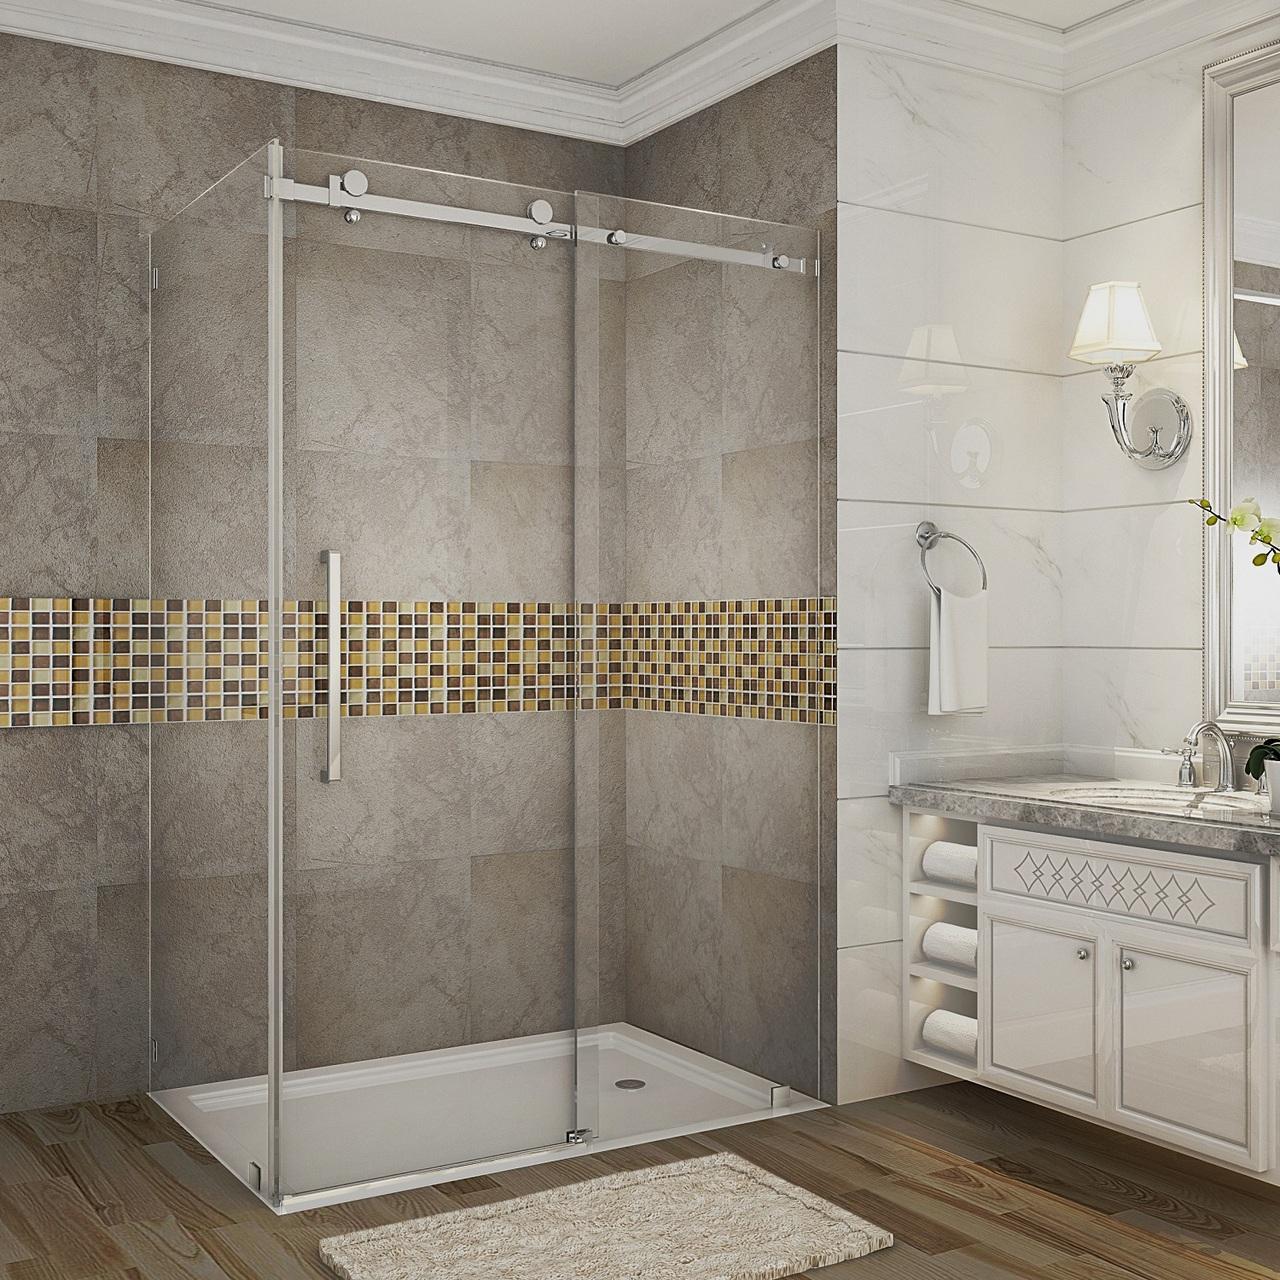 Moselle Completely Frameless Sliding Shower Door Enclosure